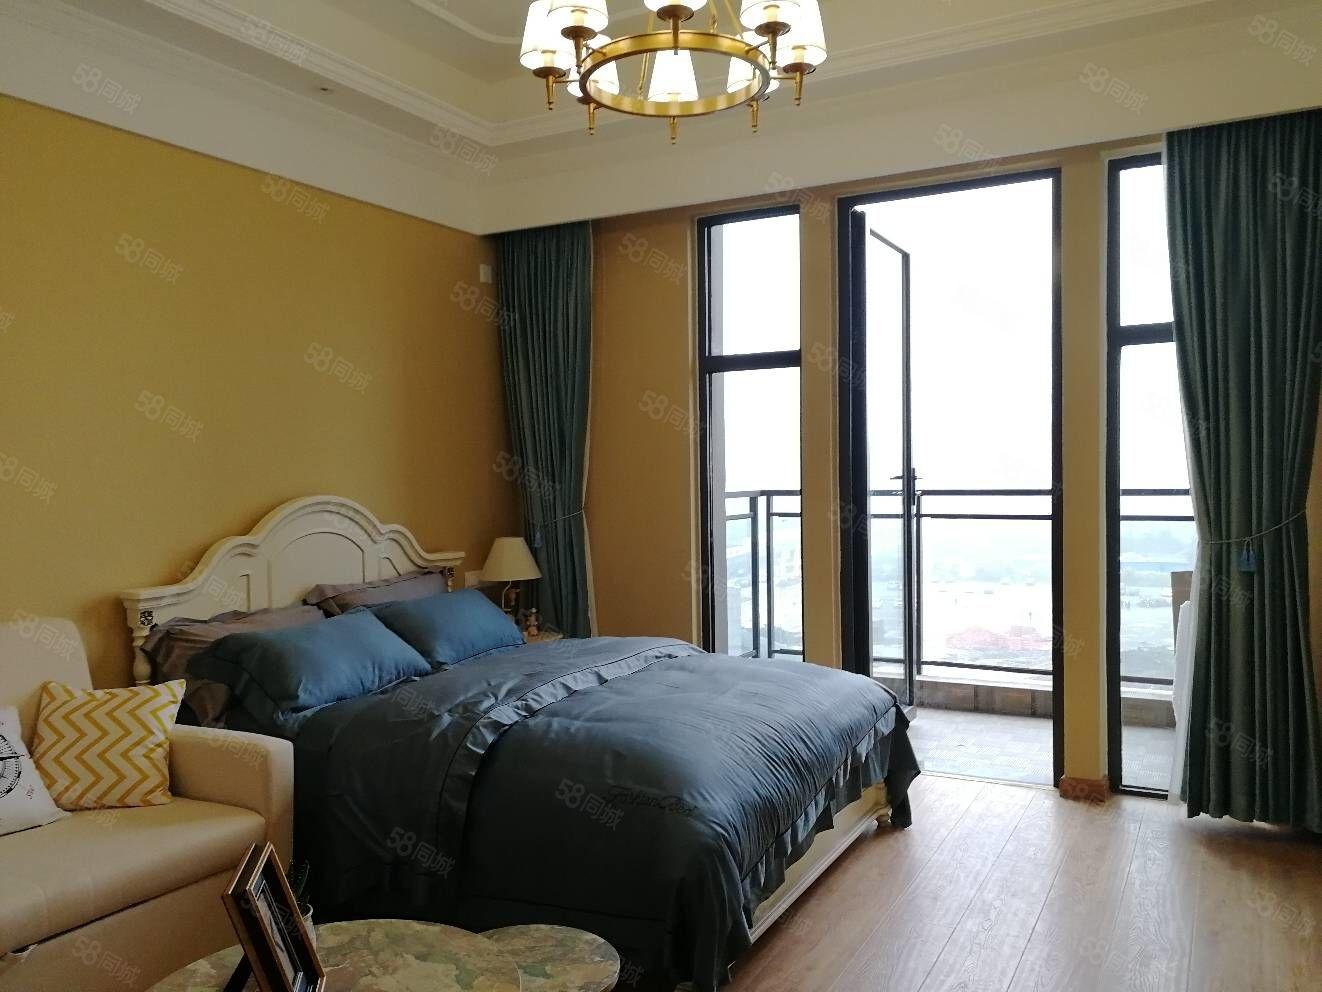 万达精装修公寓,七种风格可选,套一loft套二,线上民宿托